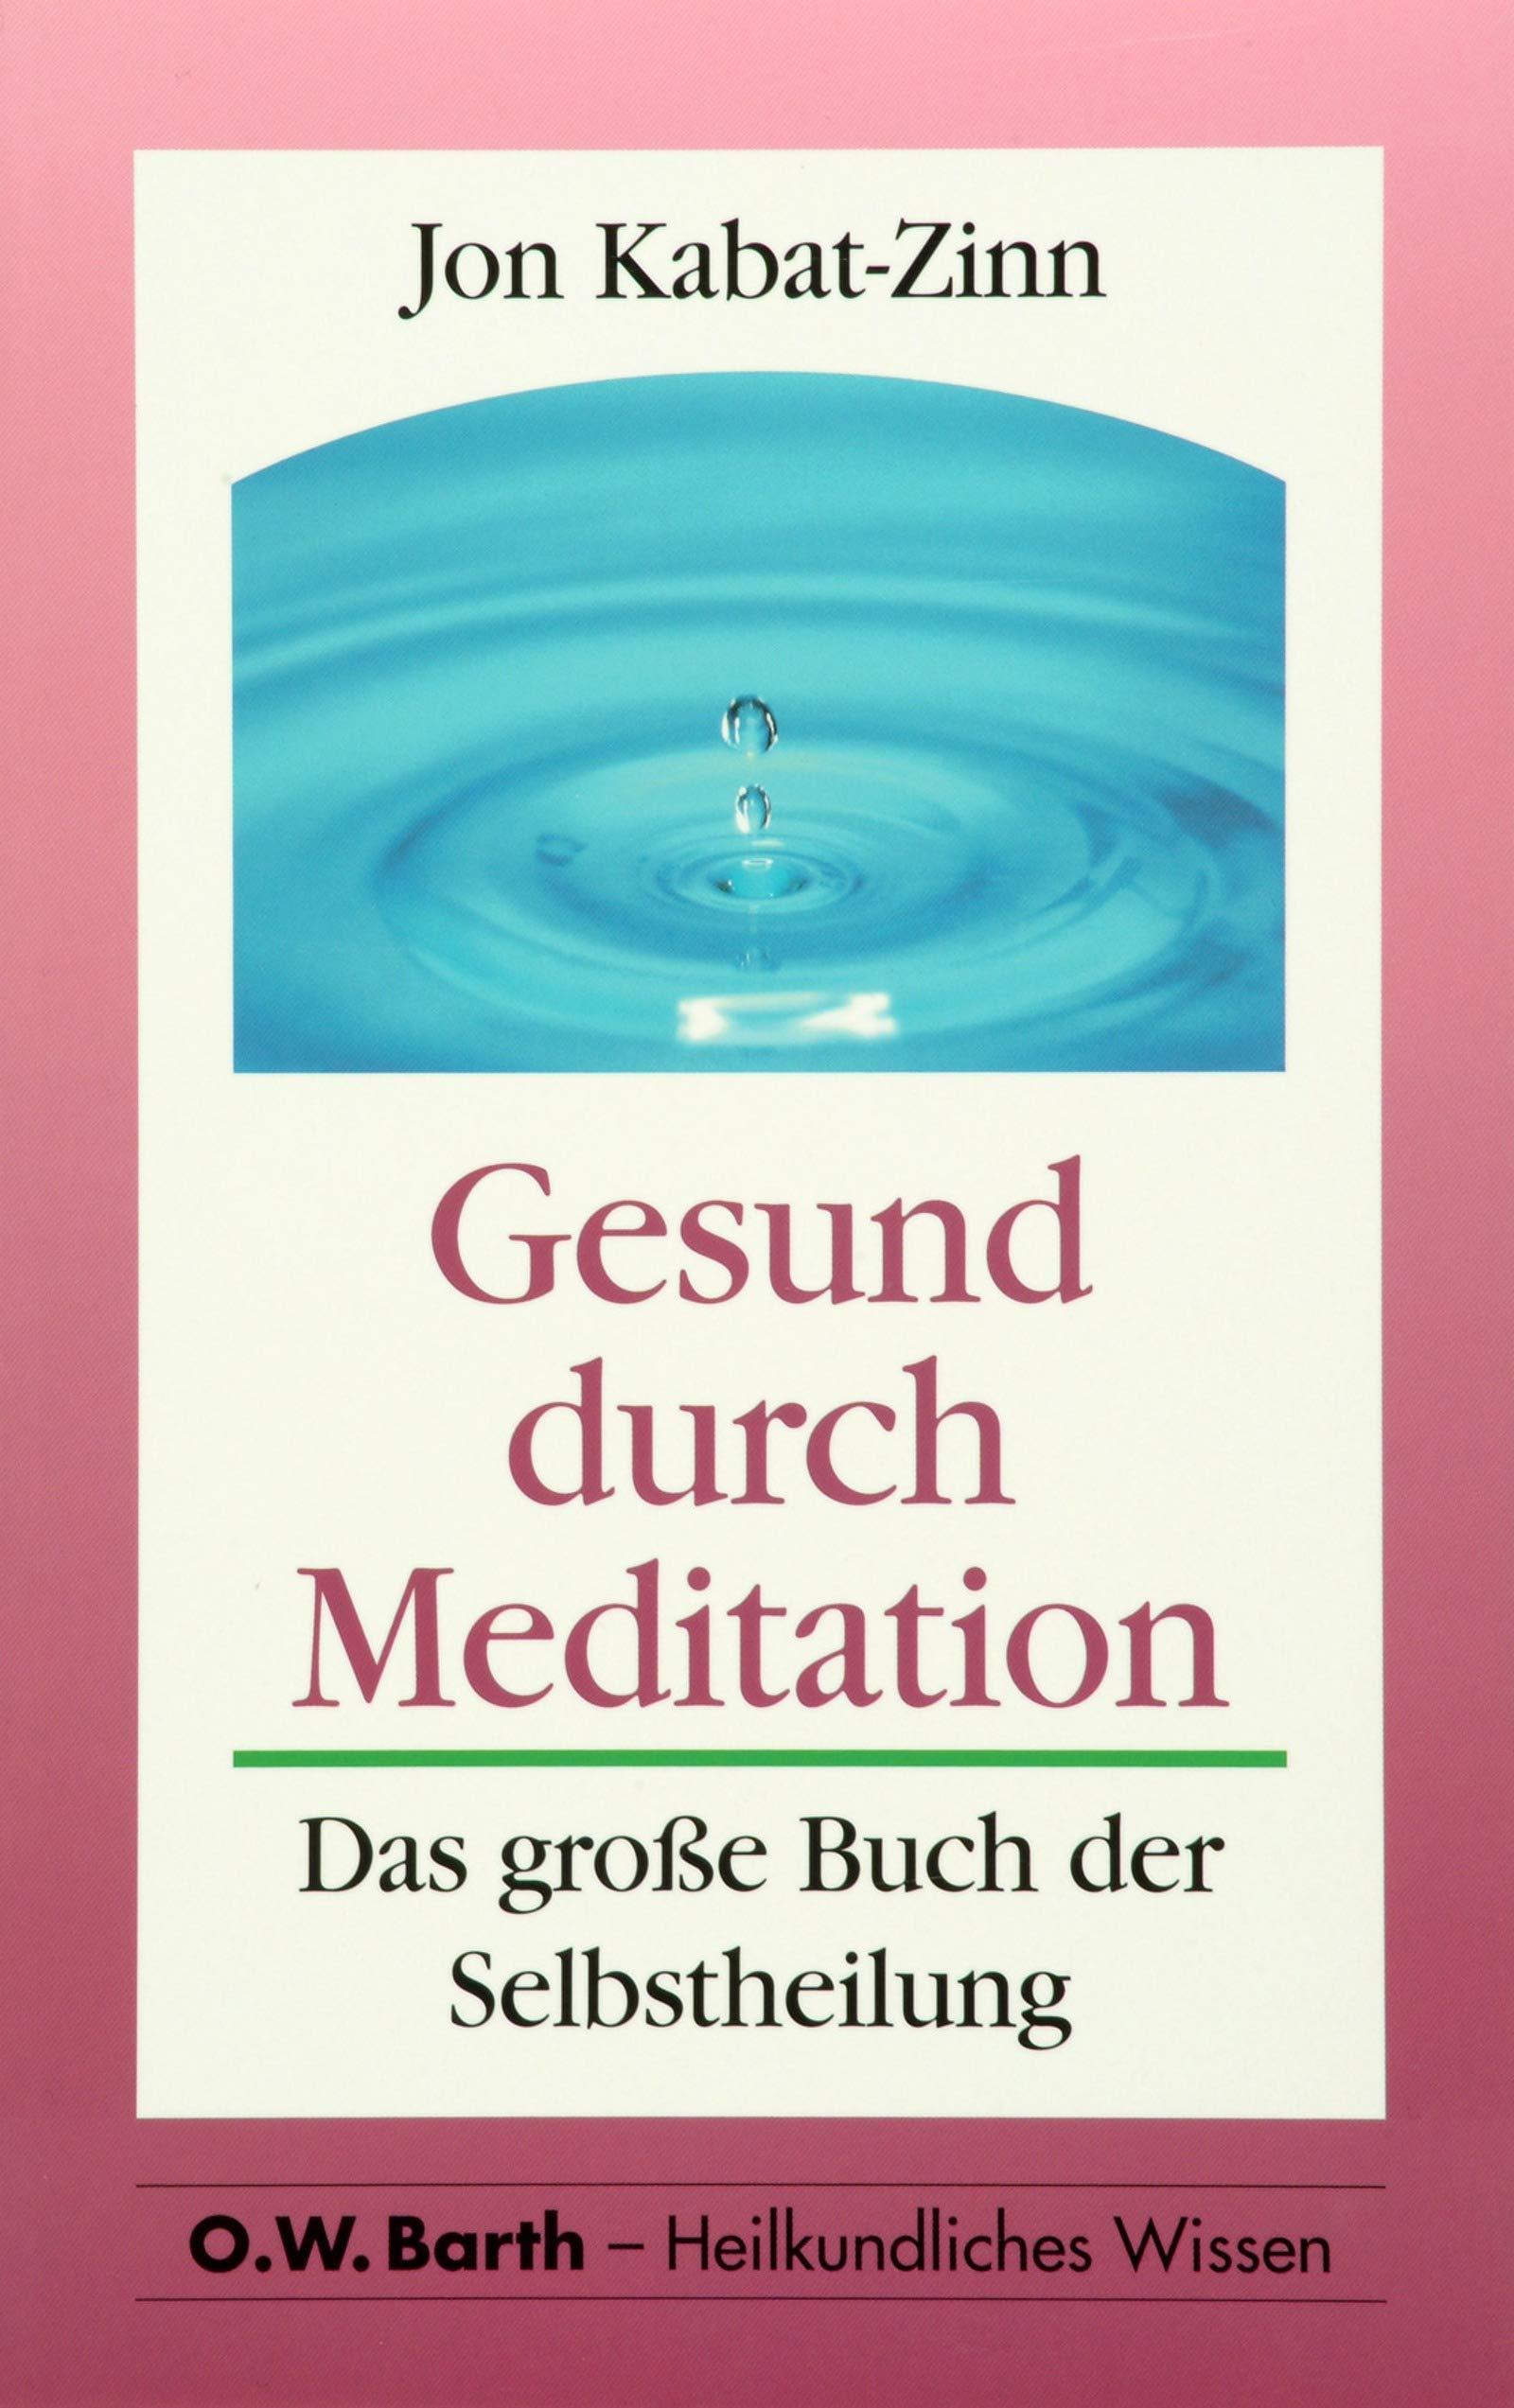 000217dc68 Gesund durch Meditation. Das große Buch der Selbstheilung O. W. Barth im  Scherz Verlag: Amazon.de: Jon Kabat-Zinn, Marion B. Kroh: Bücher